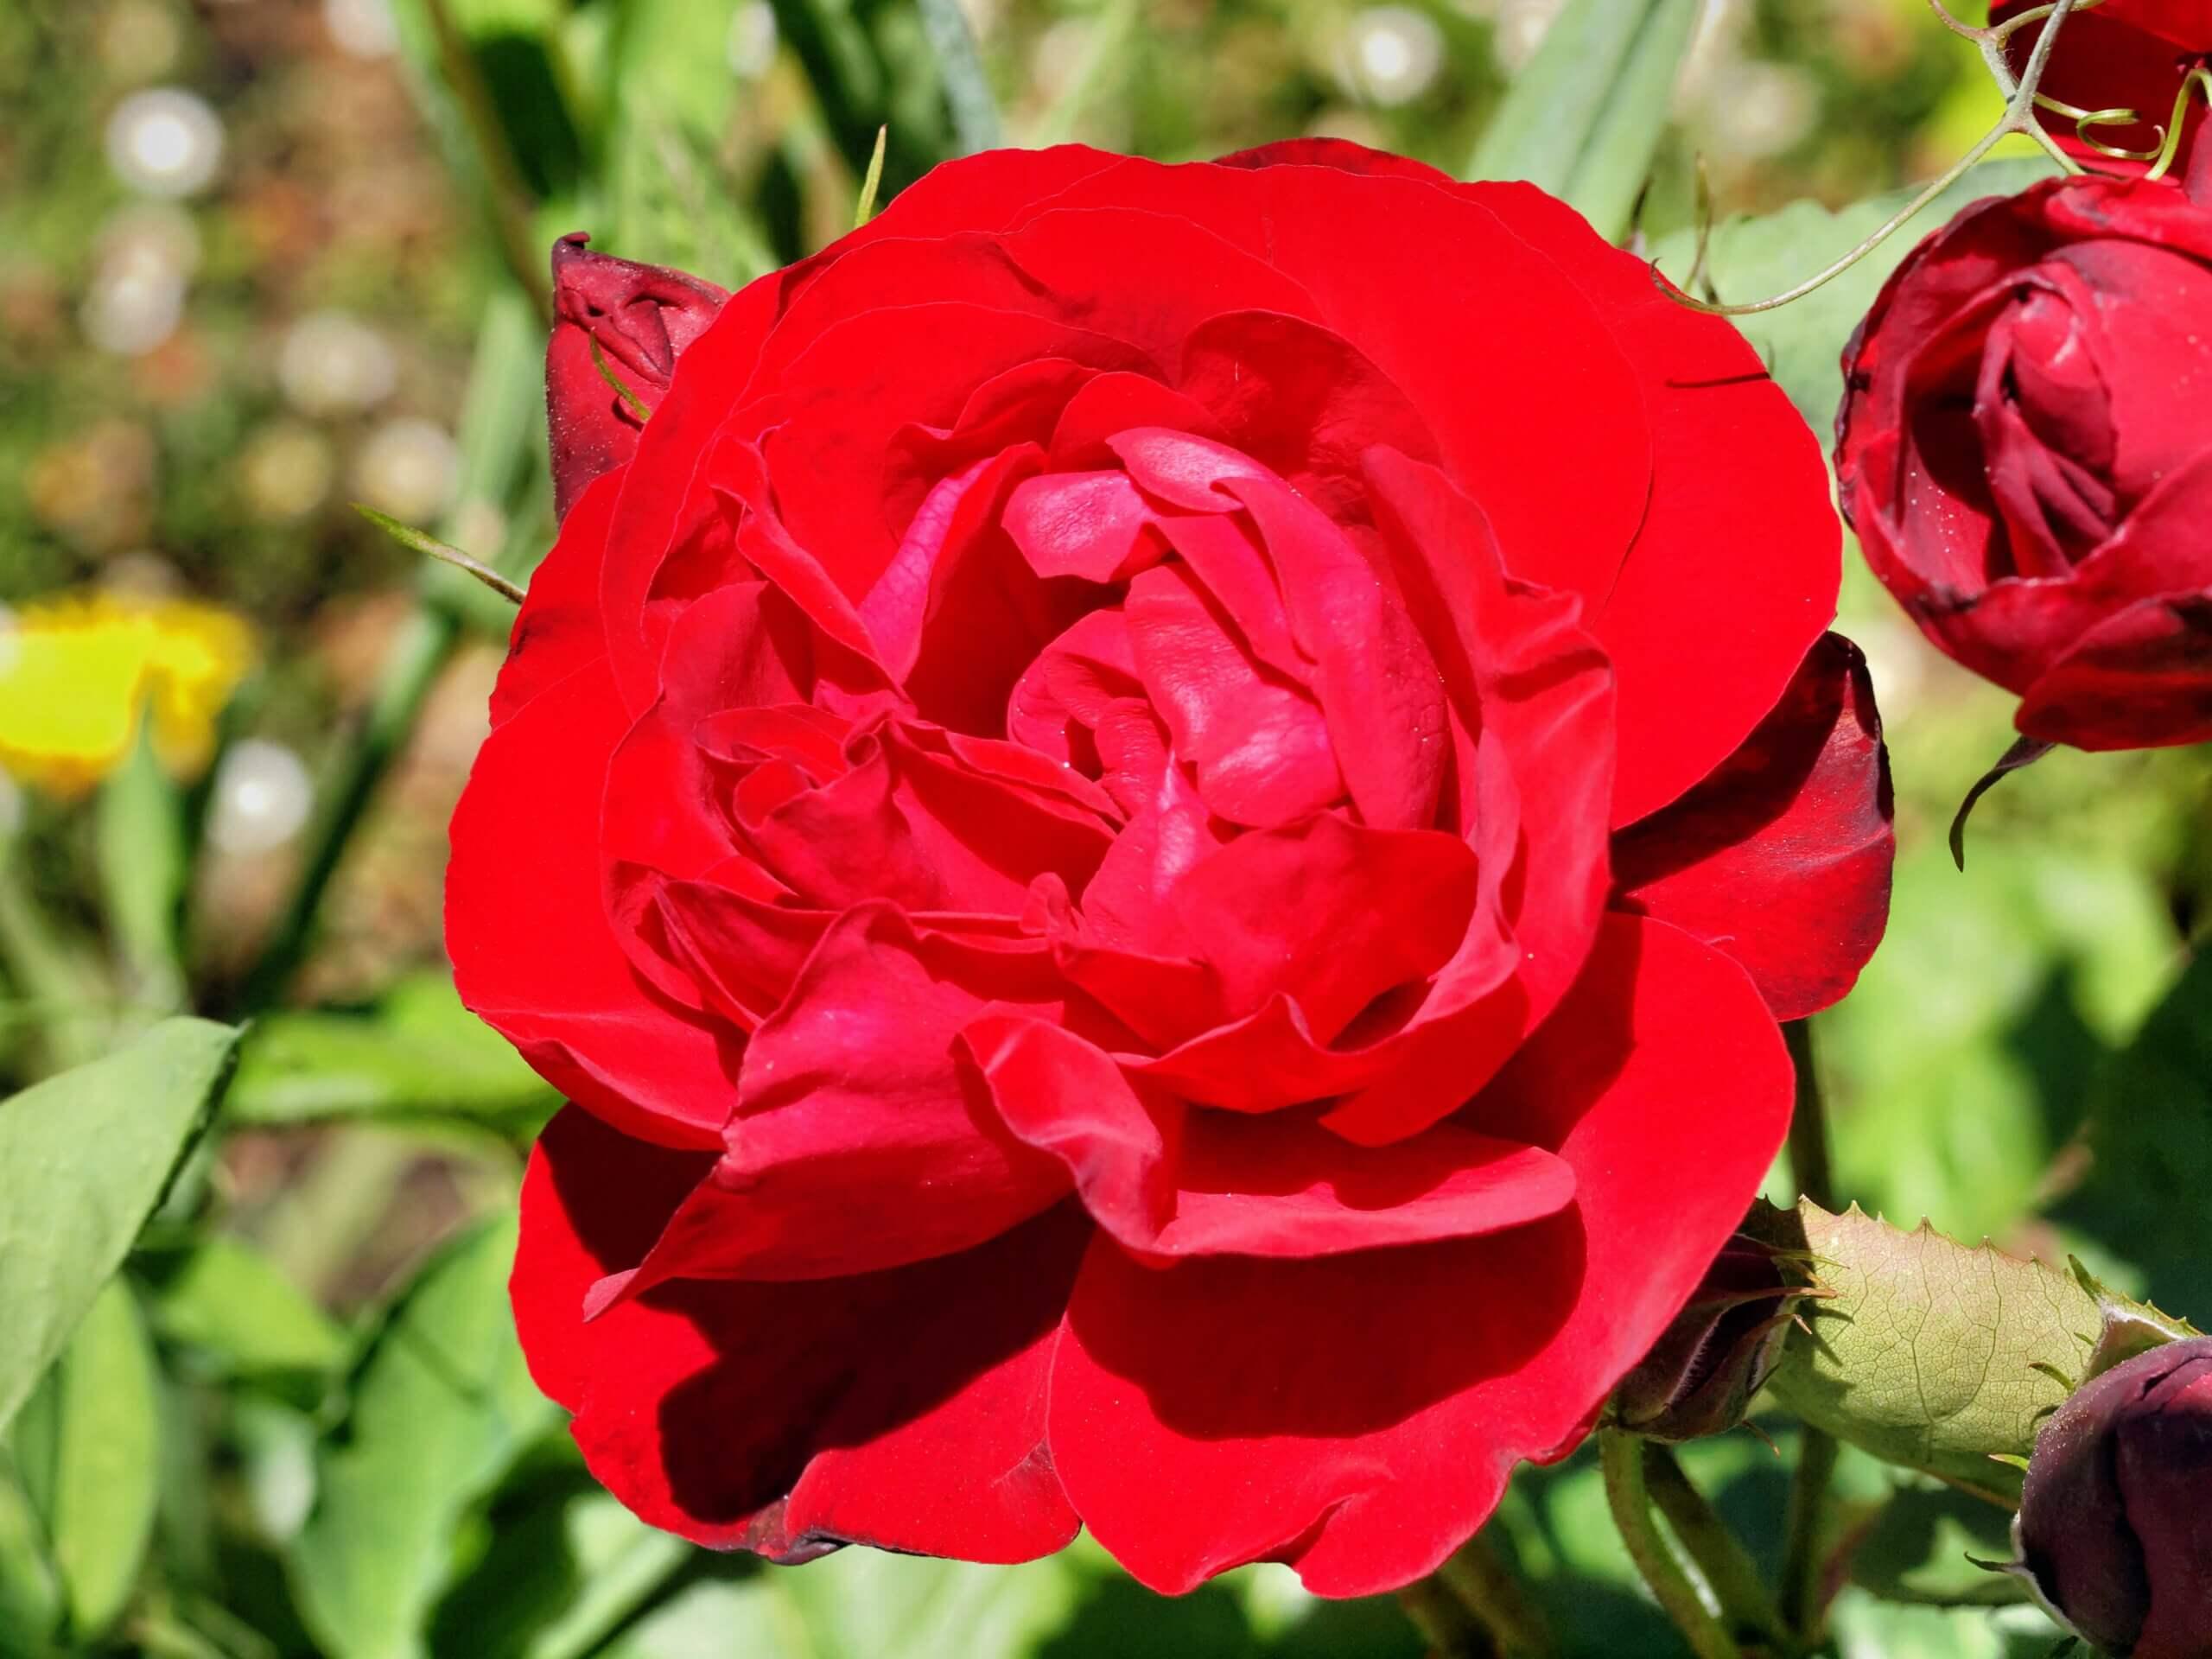 Lili Marlene – красивый сорт роз, отличающийся высокой устойчивостью к погодным условиям